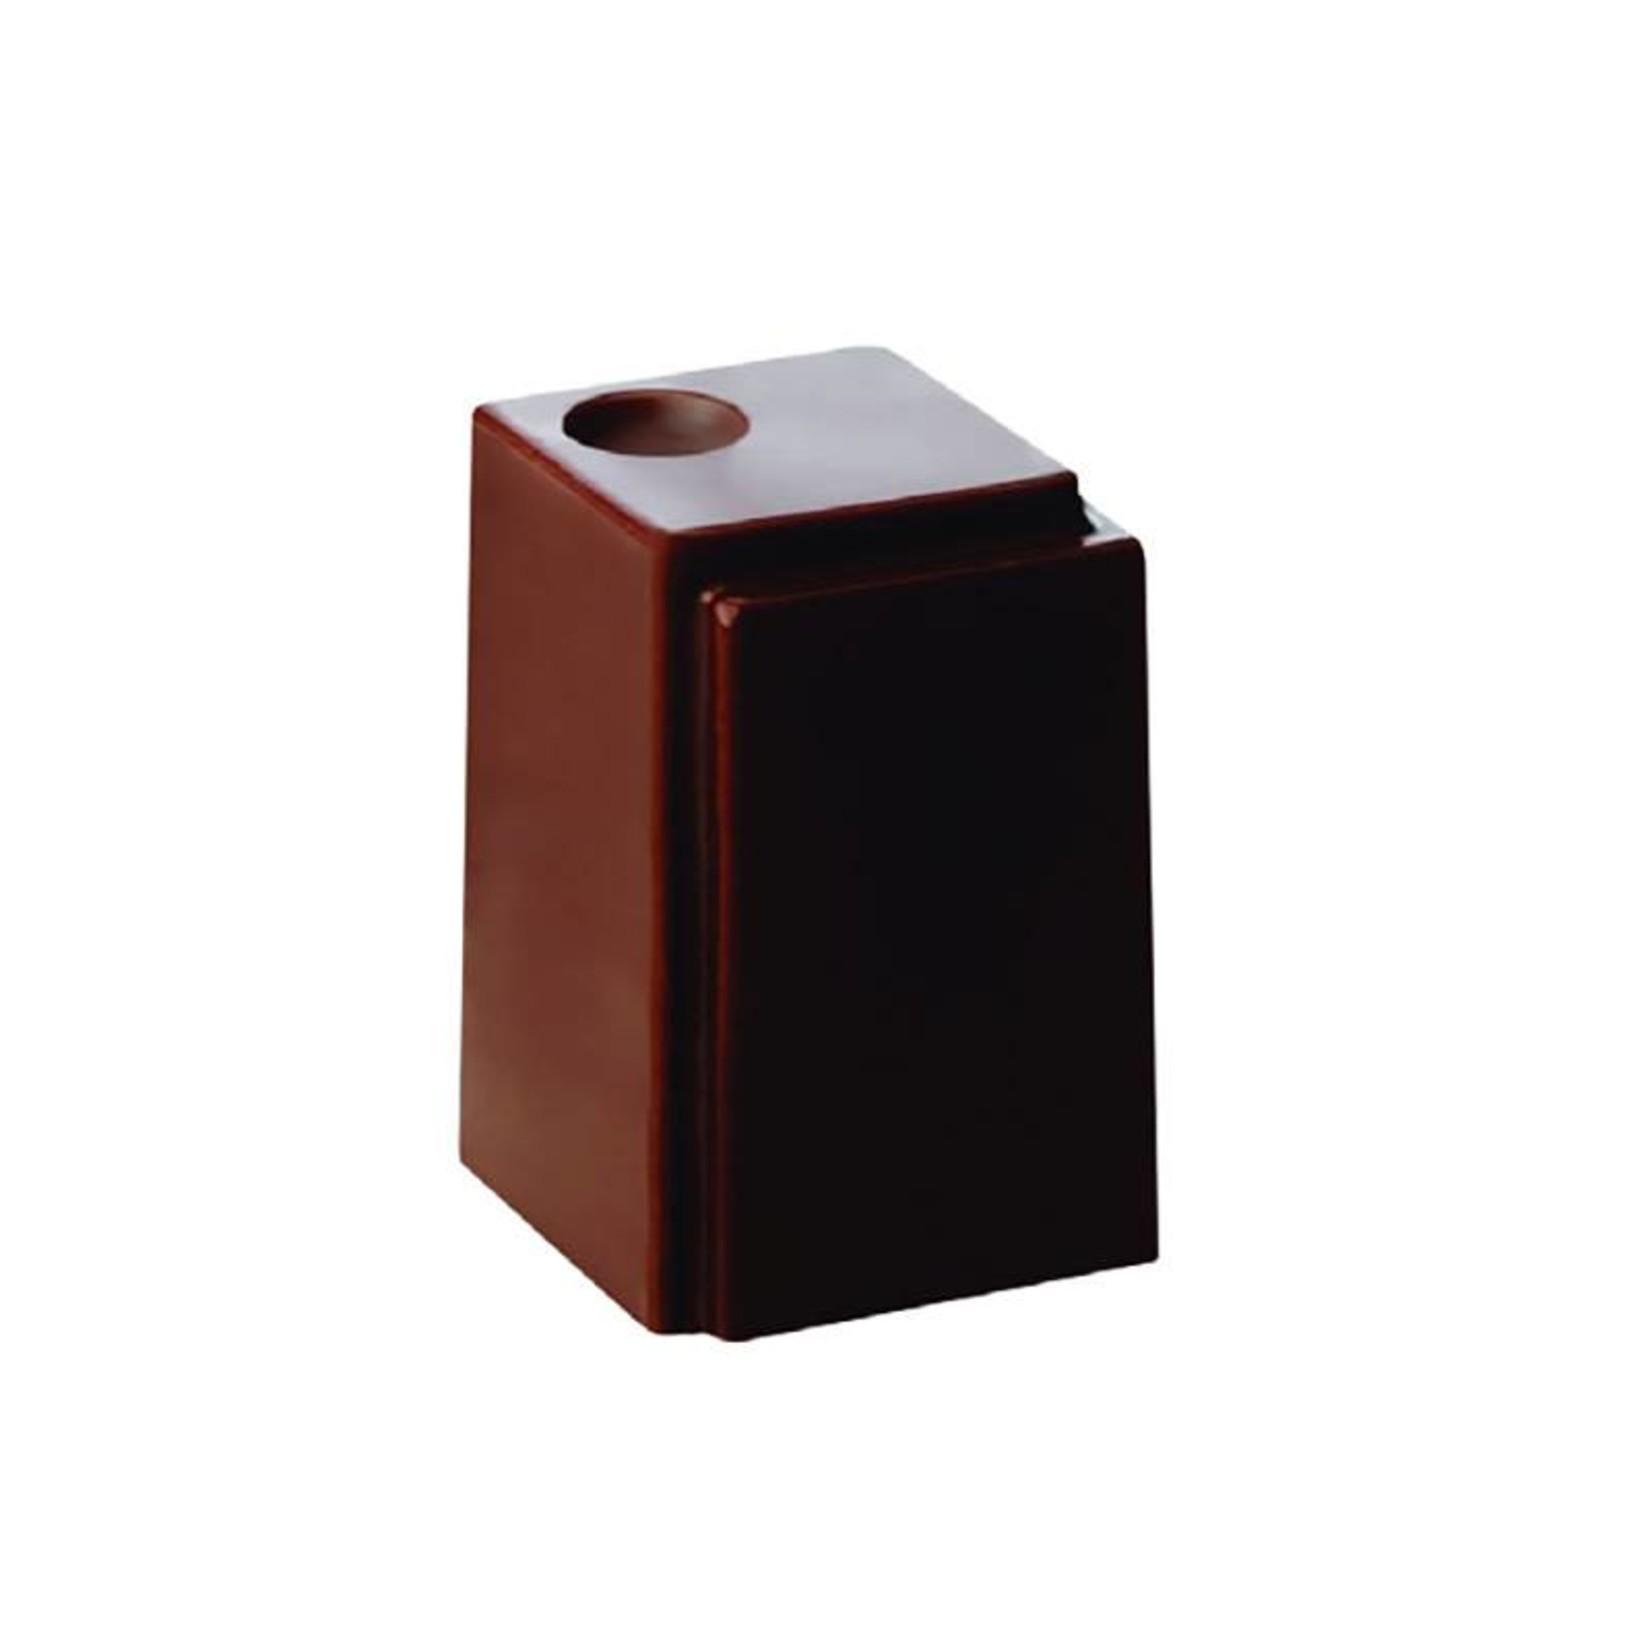 Pavoni Pavoni - Praline Polycarbonate Chocolate Mold Square (24 cavity), PC21